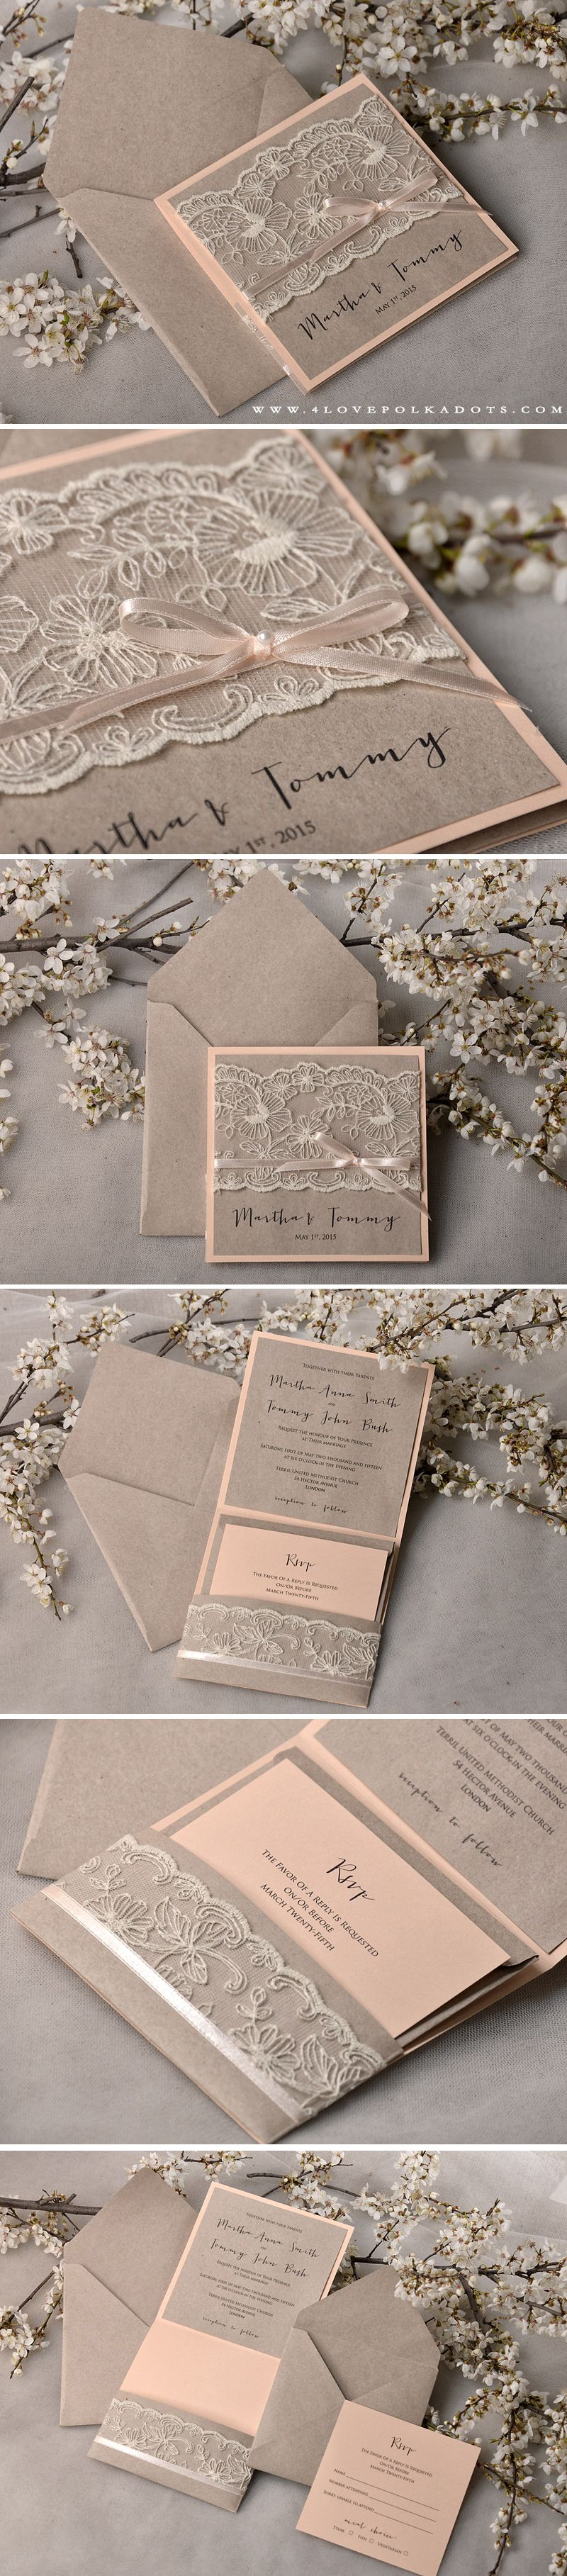 Invitation ideas WEDDING INVITATIONS rustic Weddingideas